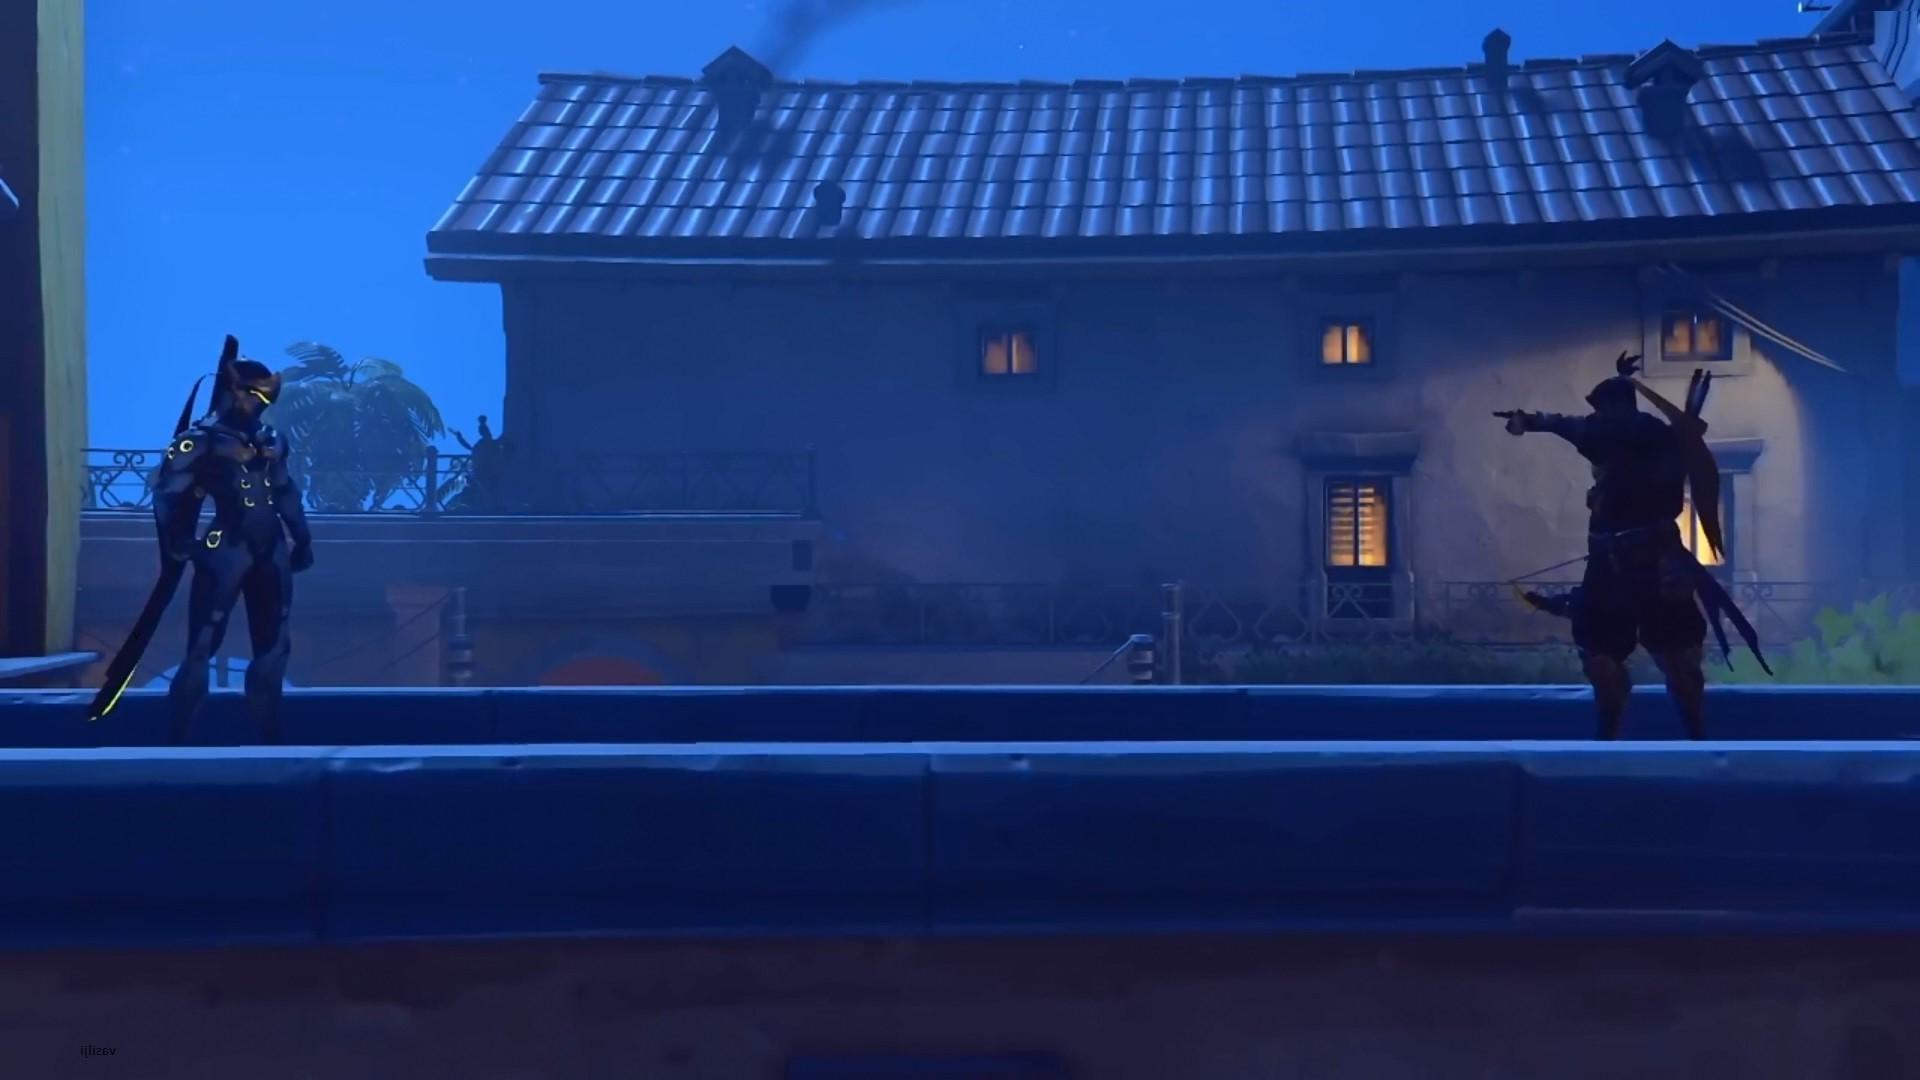 Fondos De Pantalla Videojuegos Reflexión Azul Espada